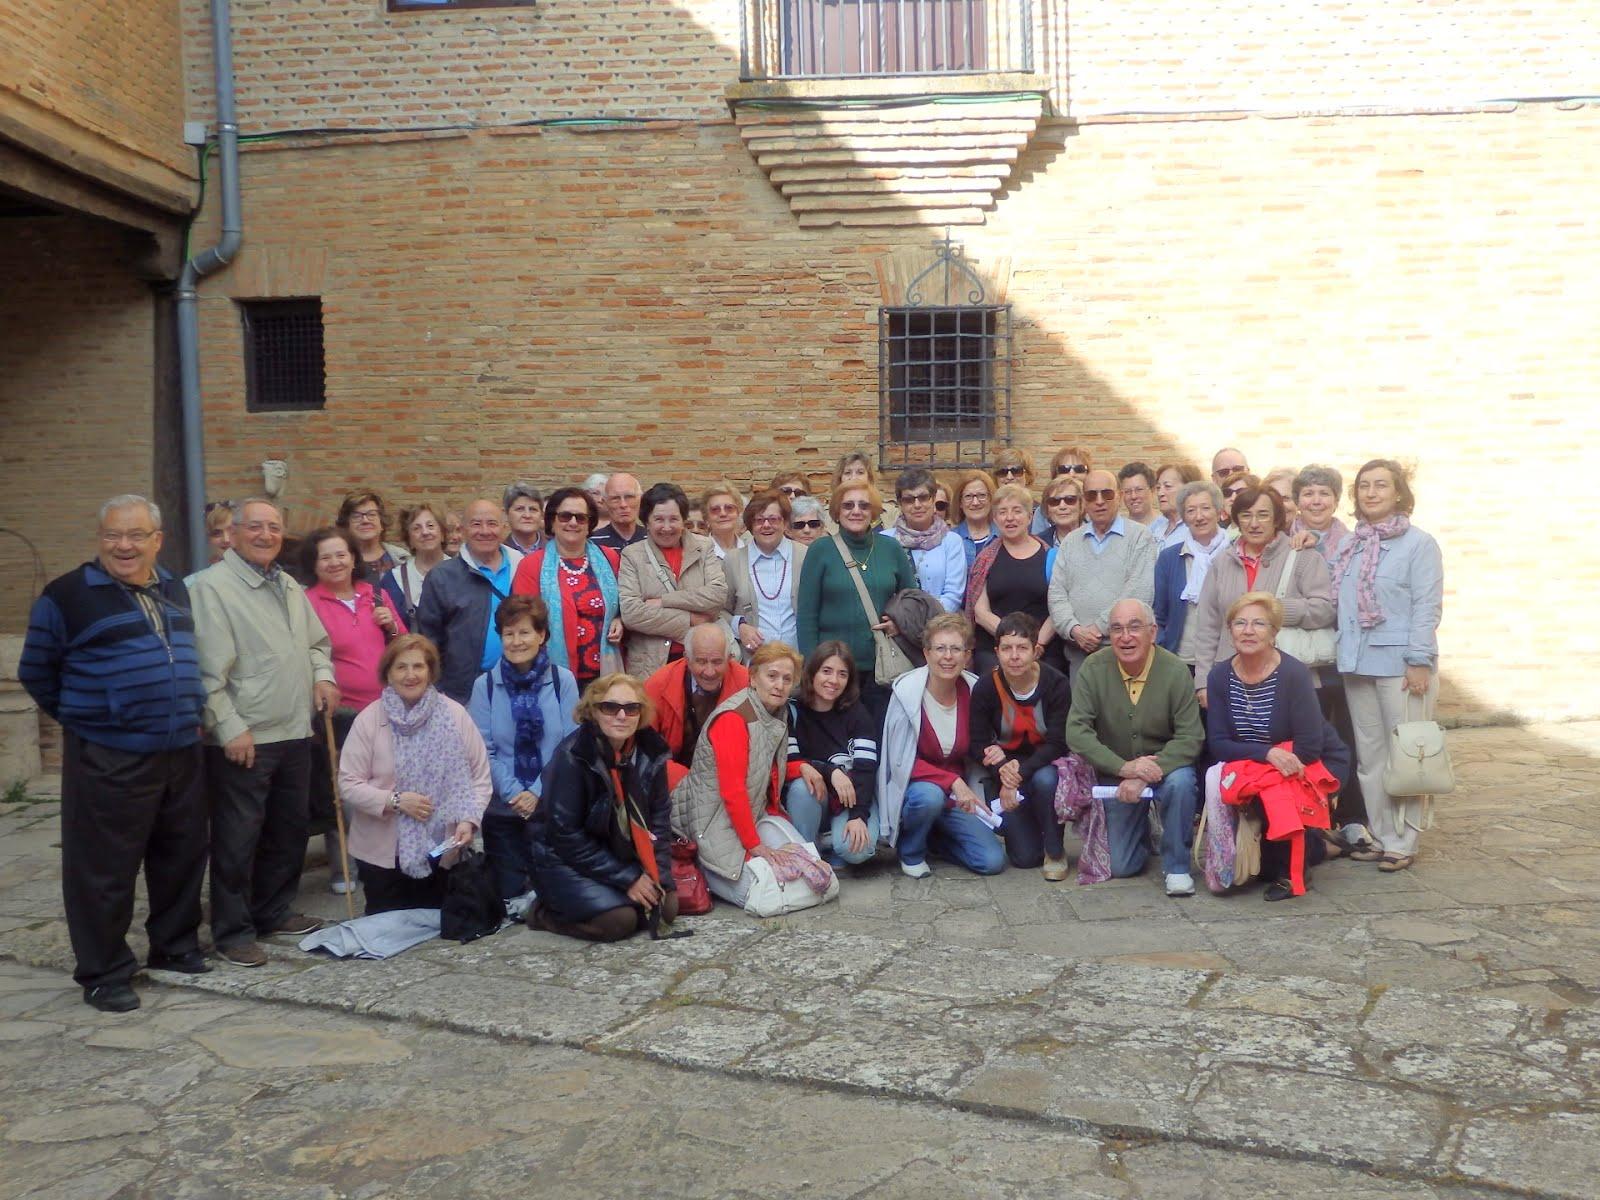 Fotos excursión parroquial 2016